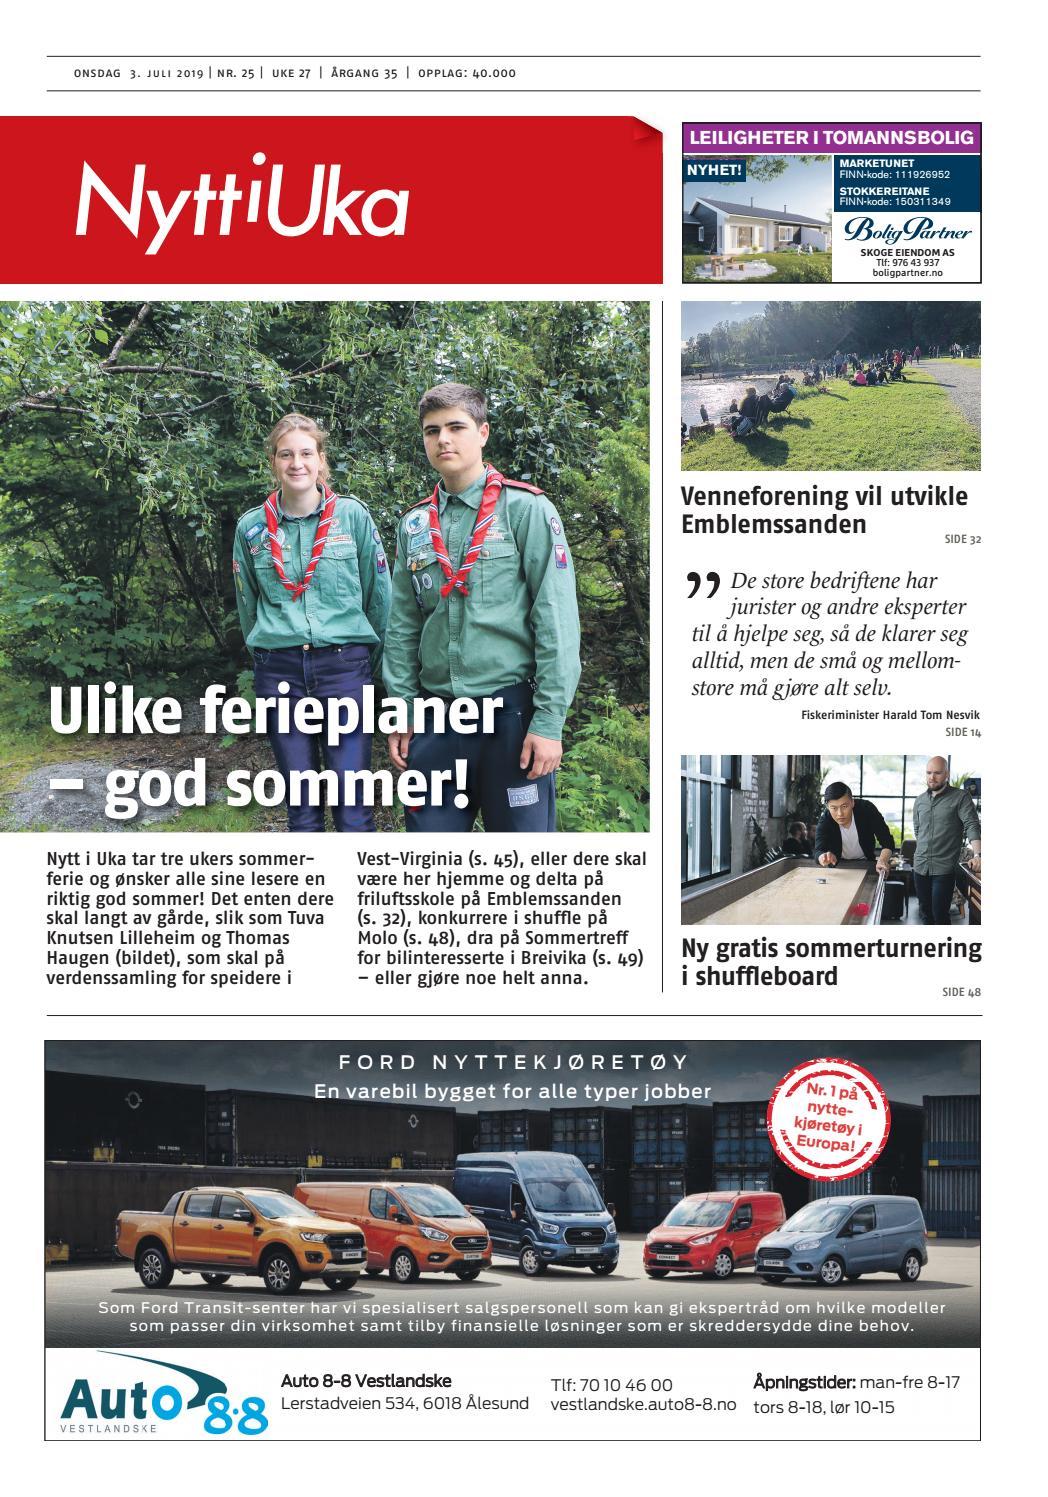 833e7f1e1 Nytt i Uka 03.07.19 by Nytt i Uka - issuu